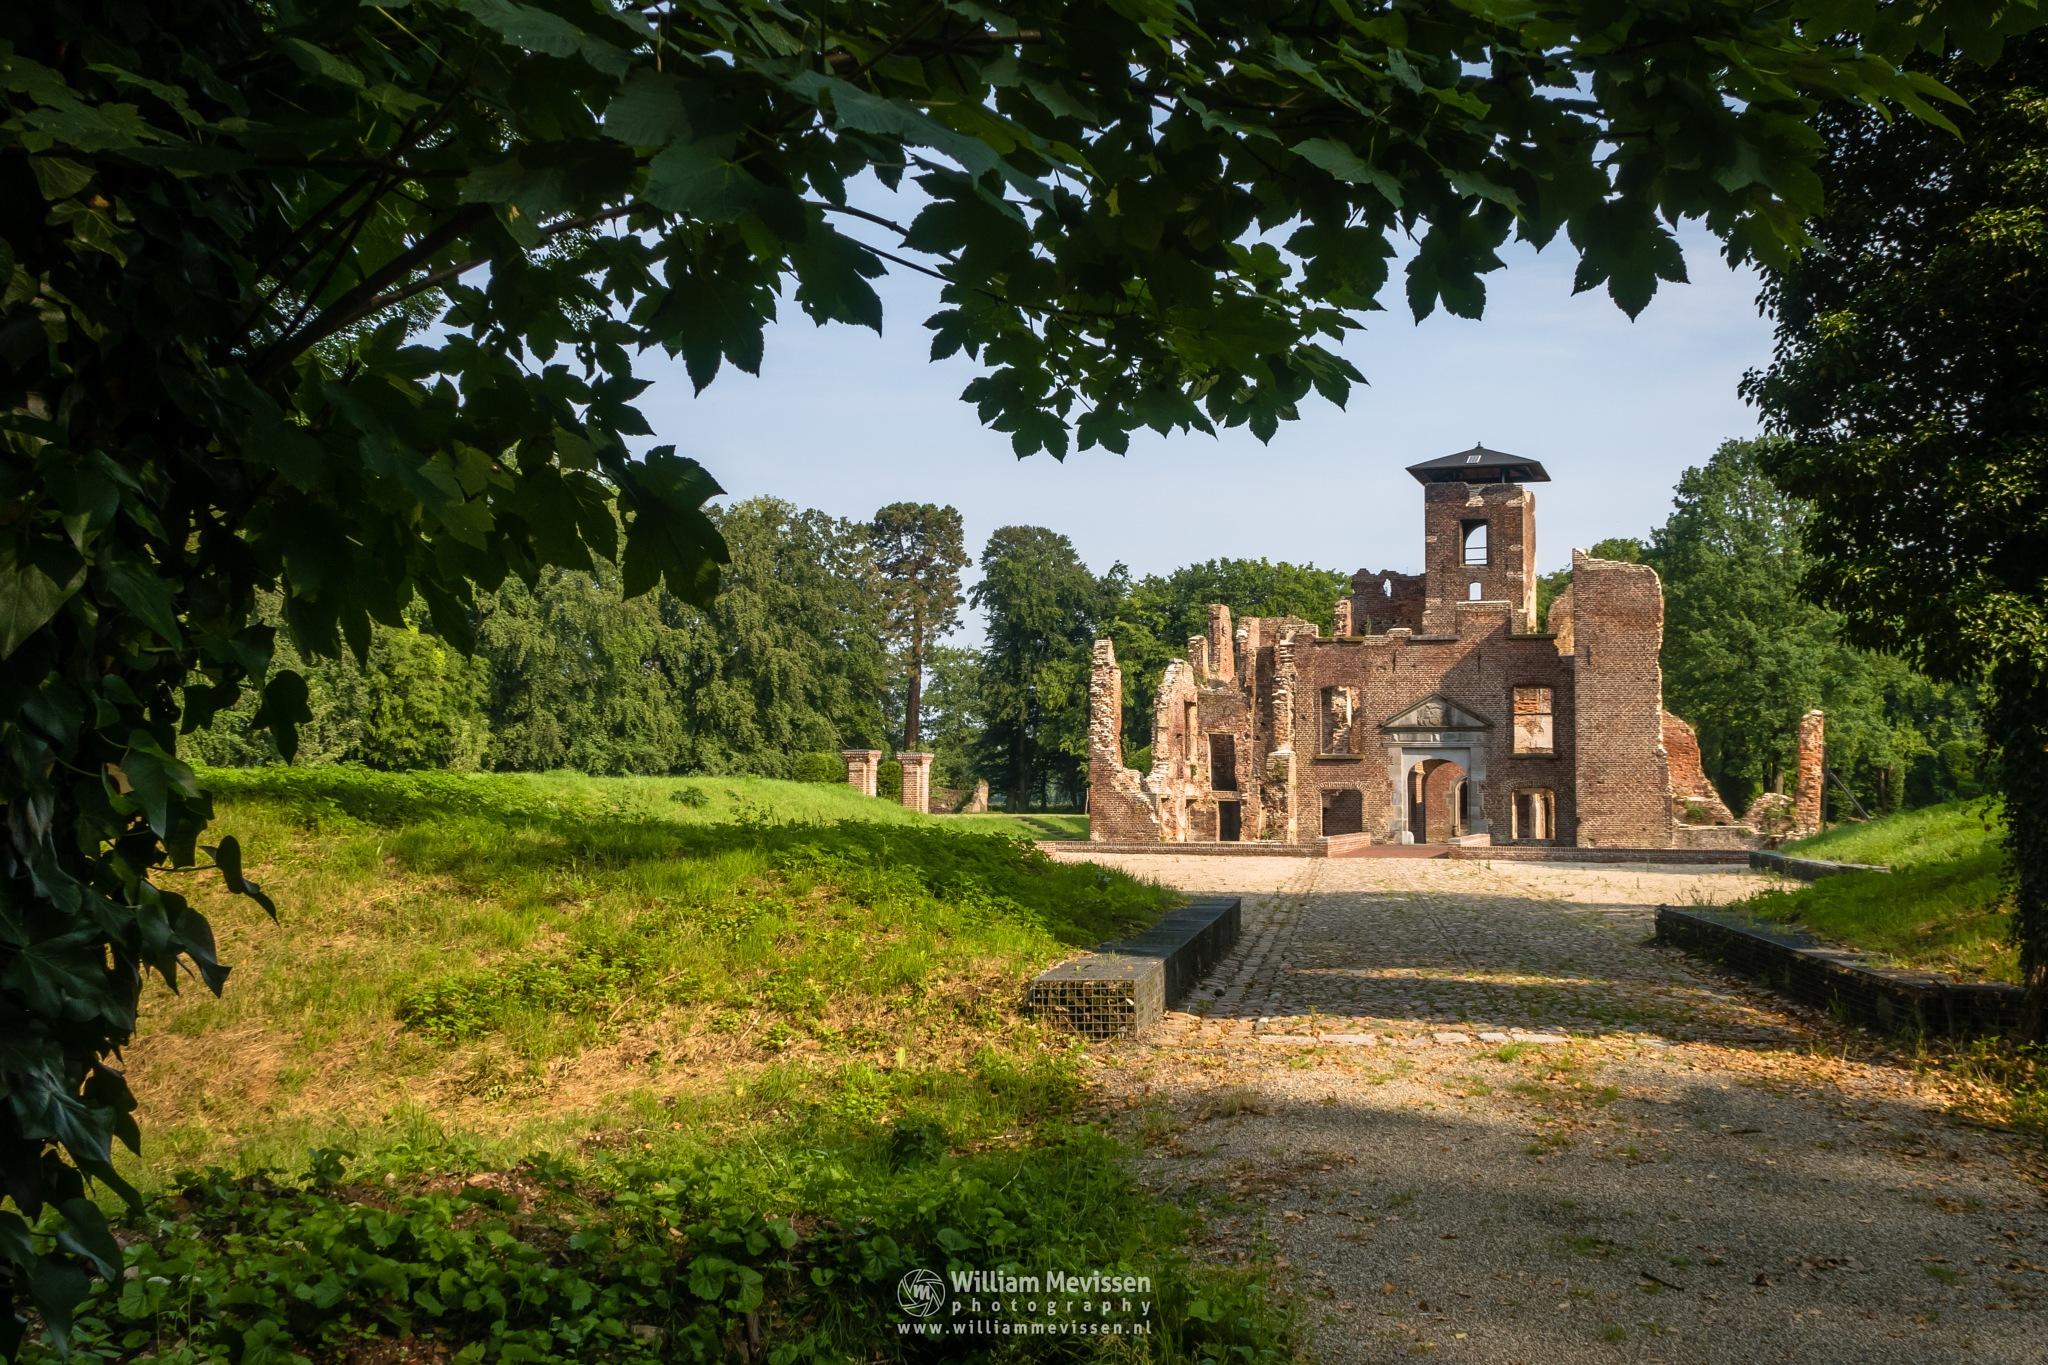 Castle Ruin Bleijenbeek by William Mevissen